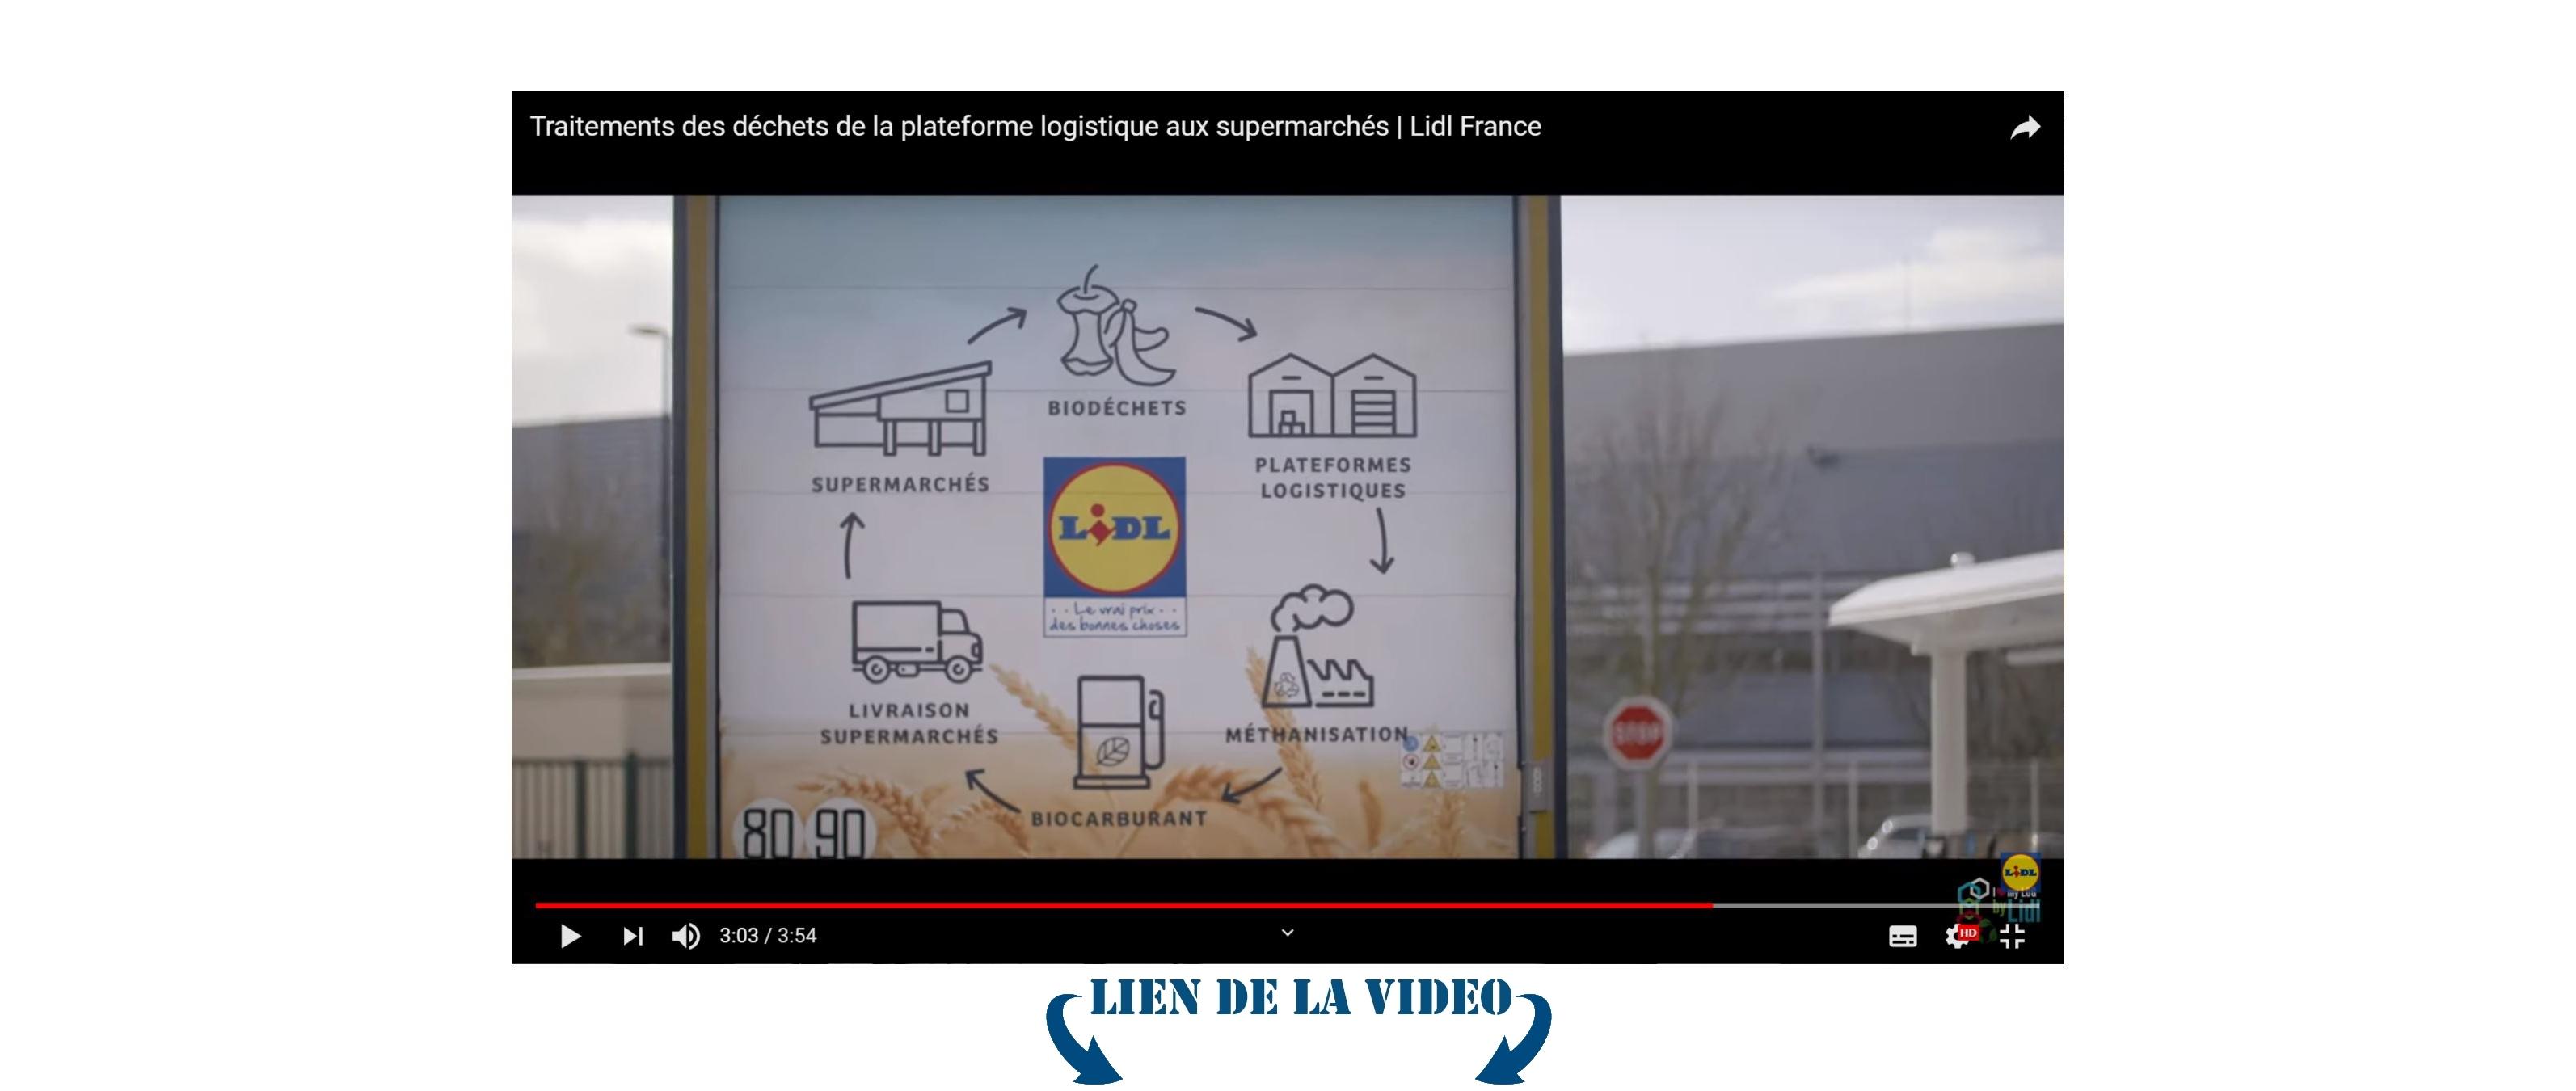 Traitement déchets LIDL